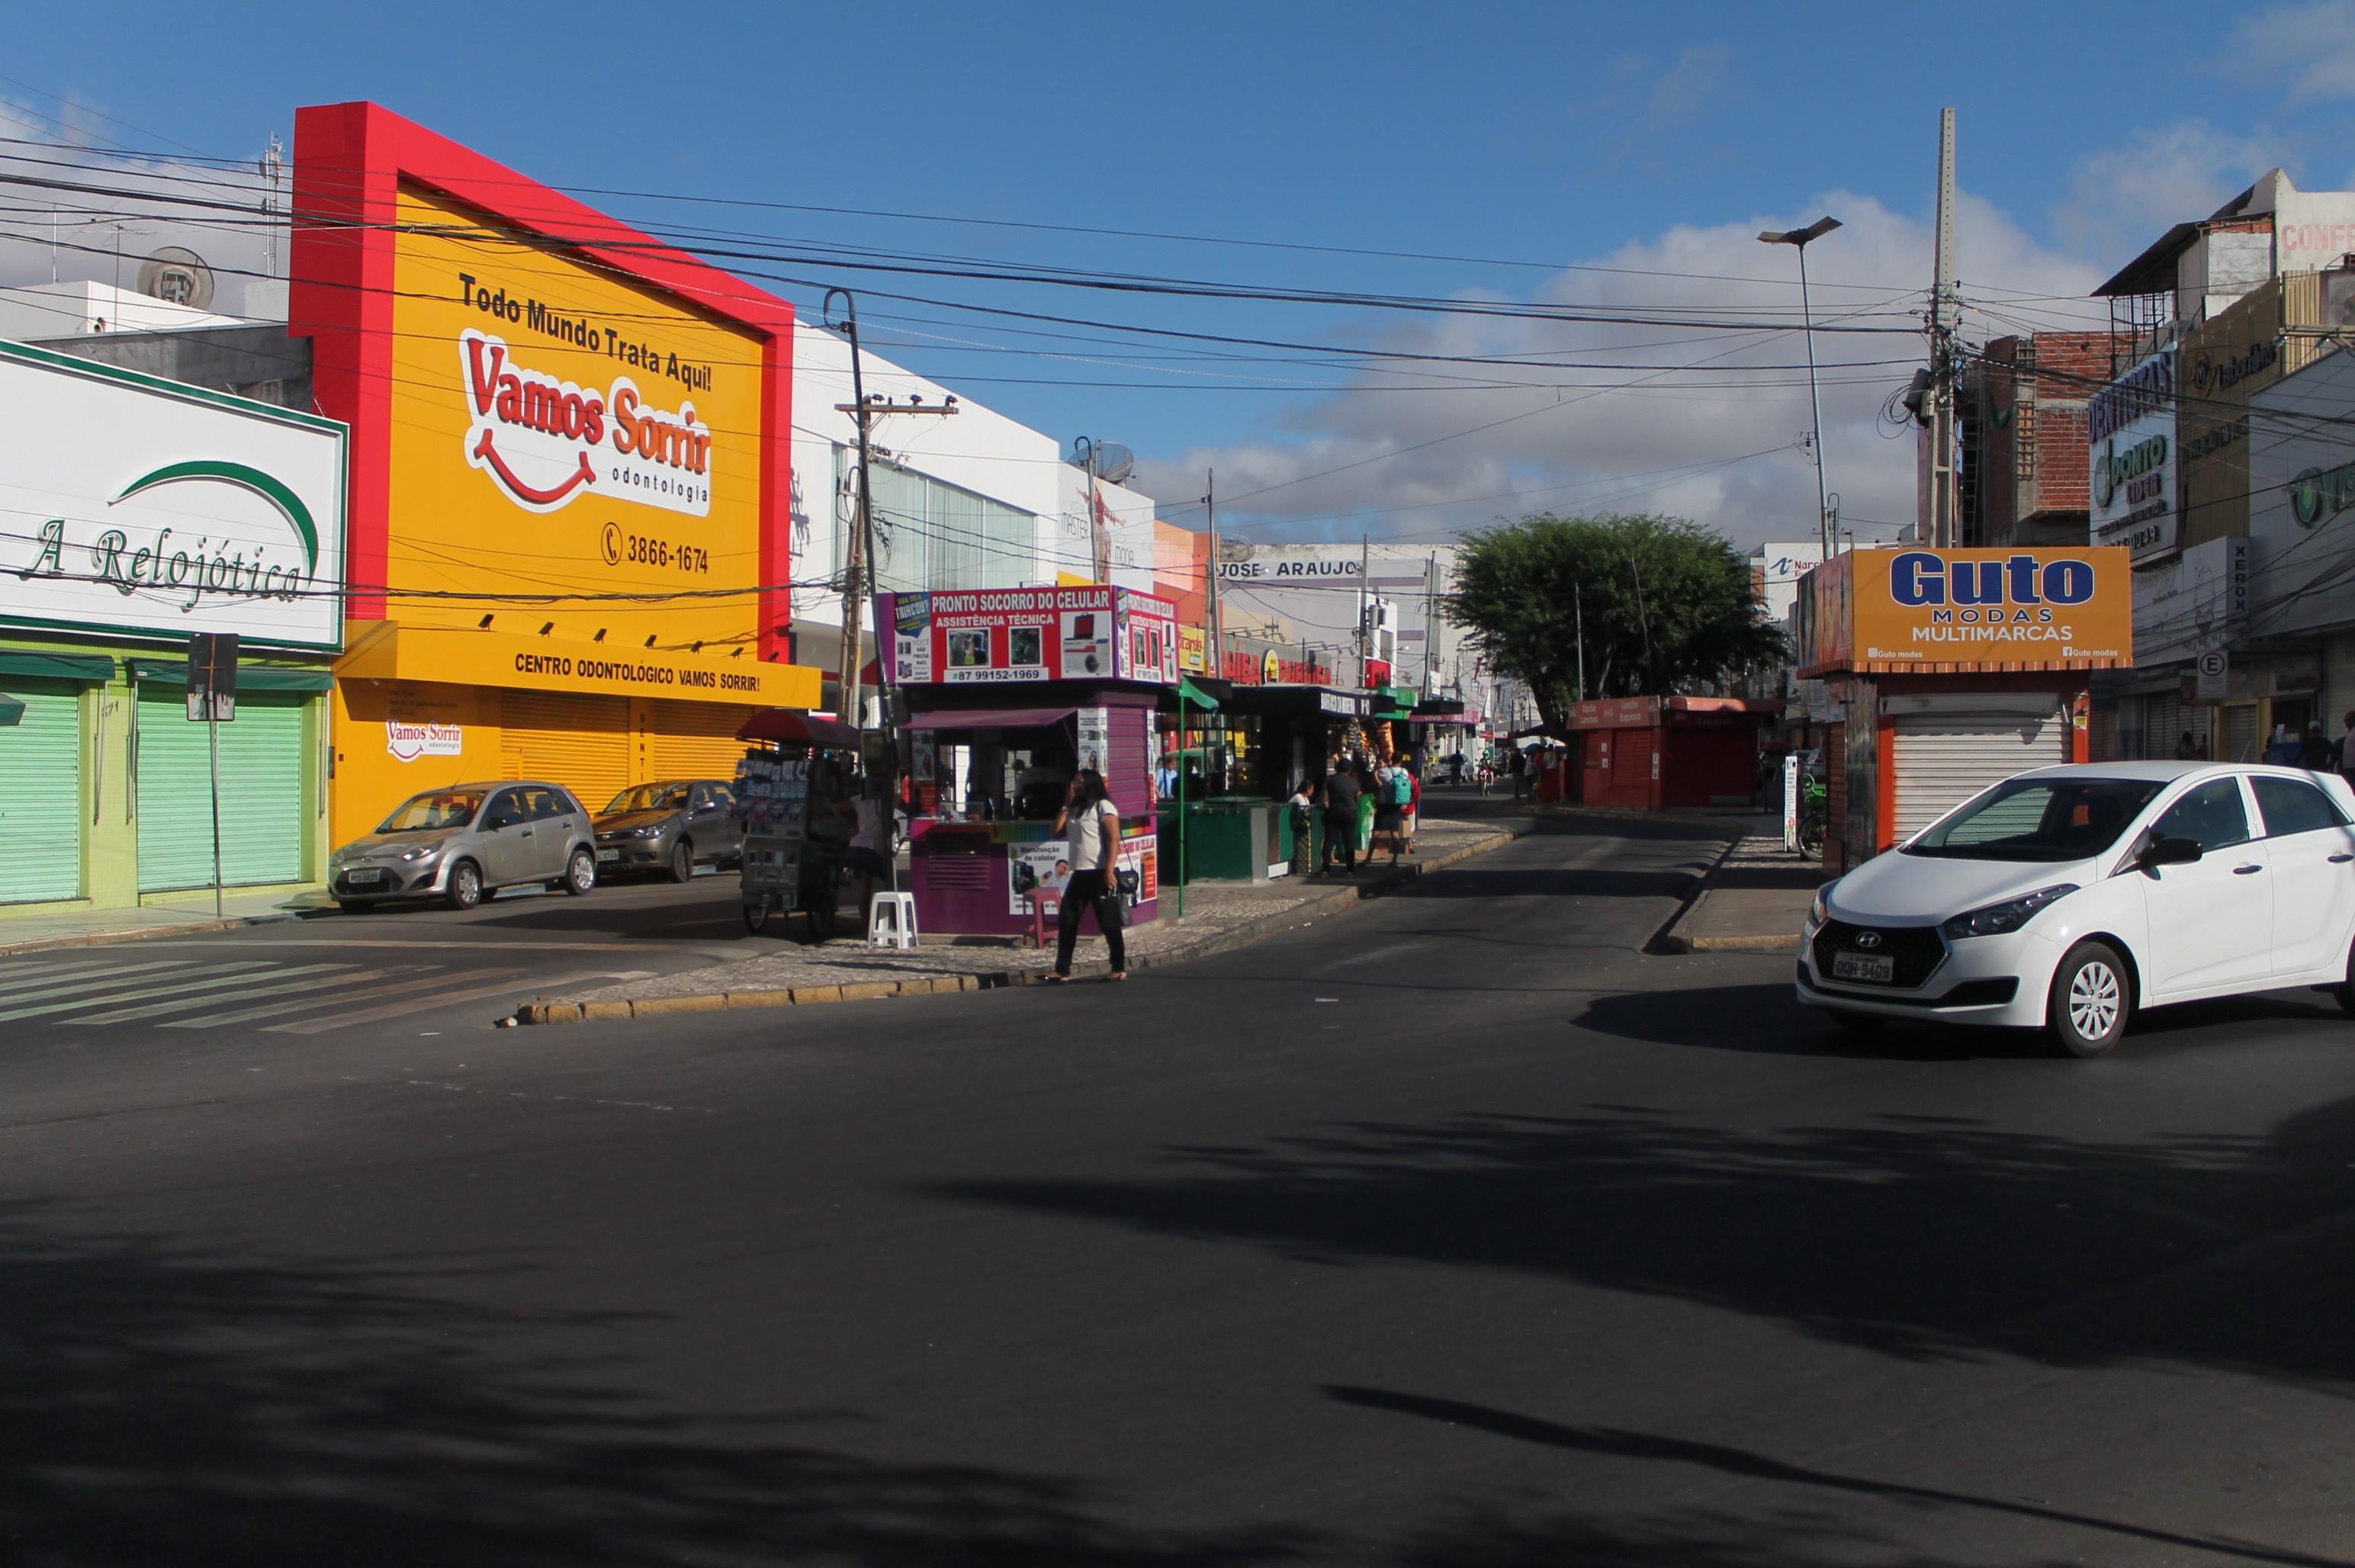 Veja o que abre e fecha no feriado de 12 de outubro em Petrolina, PE - Notícias - Plantão Diário